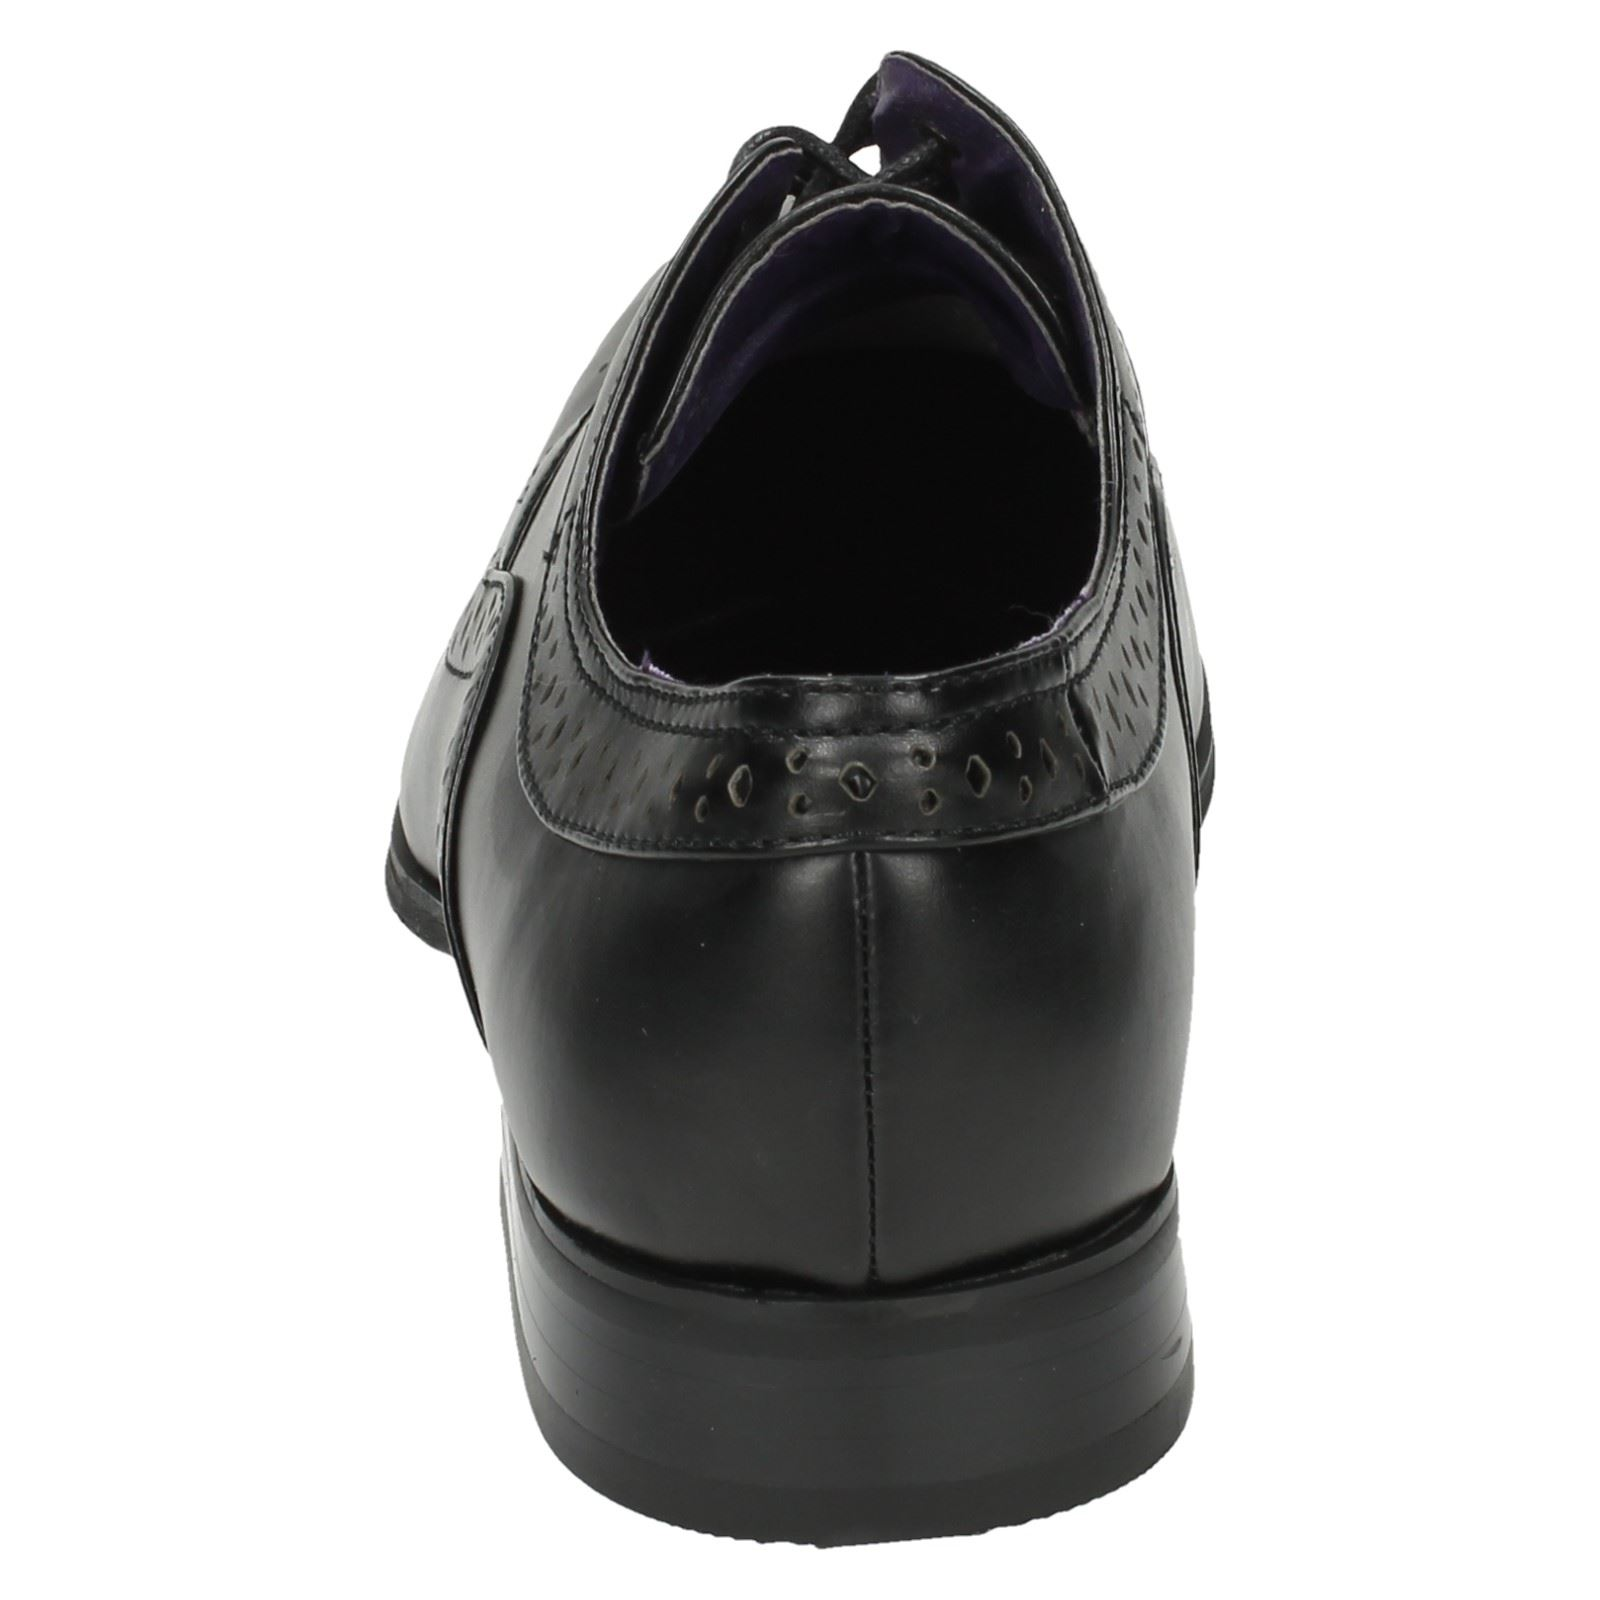 Chaussures pour à synthétiques hommes lacets richelieu qxaUnqO